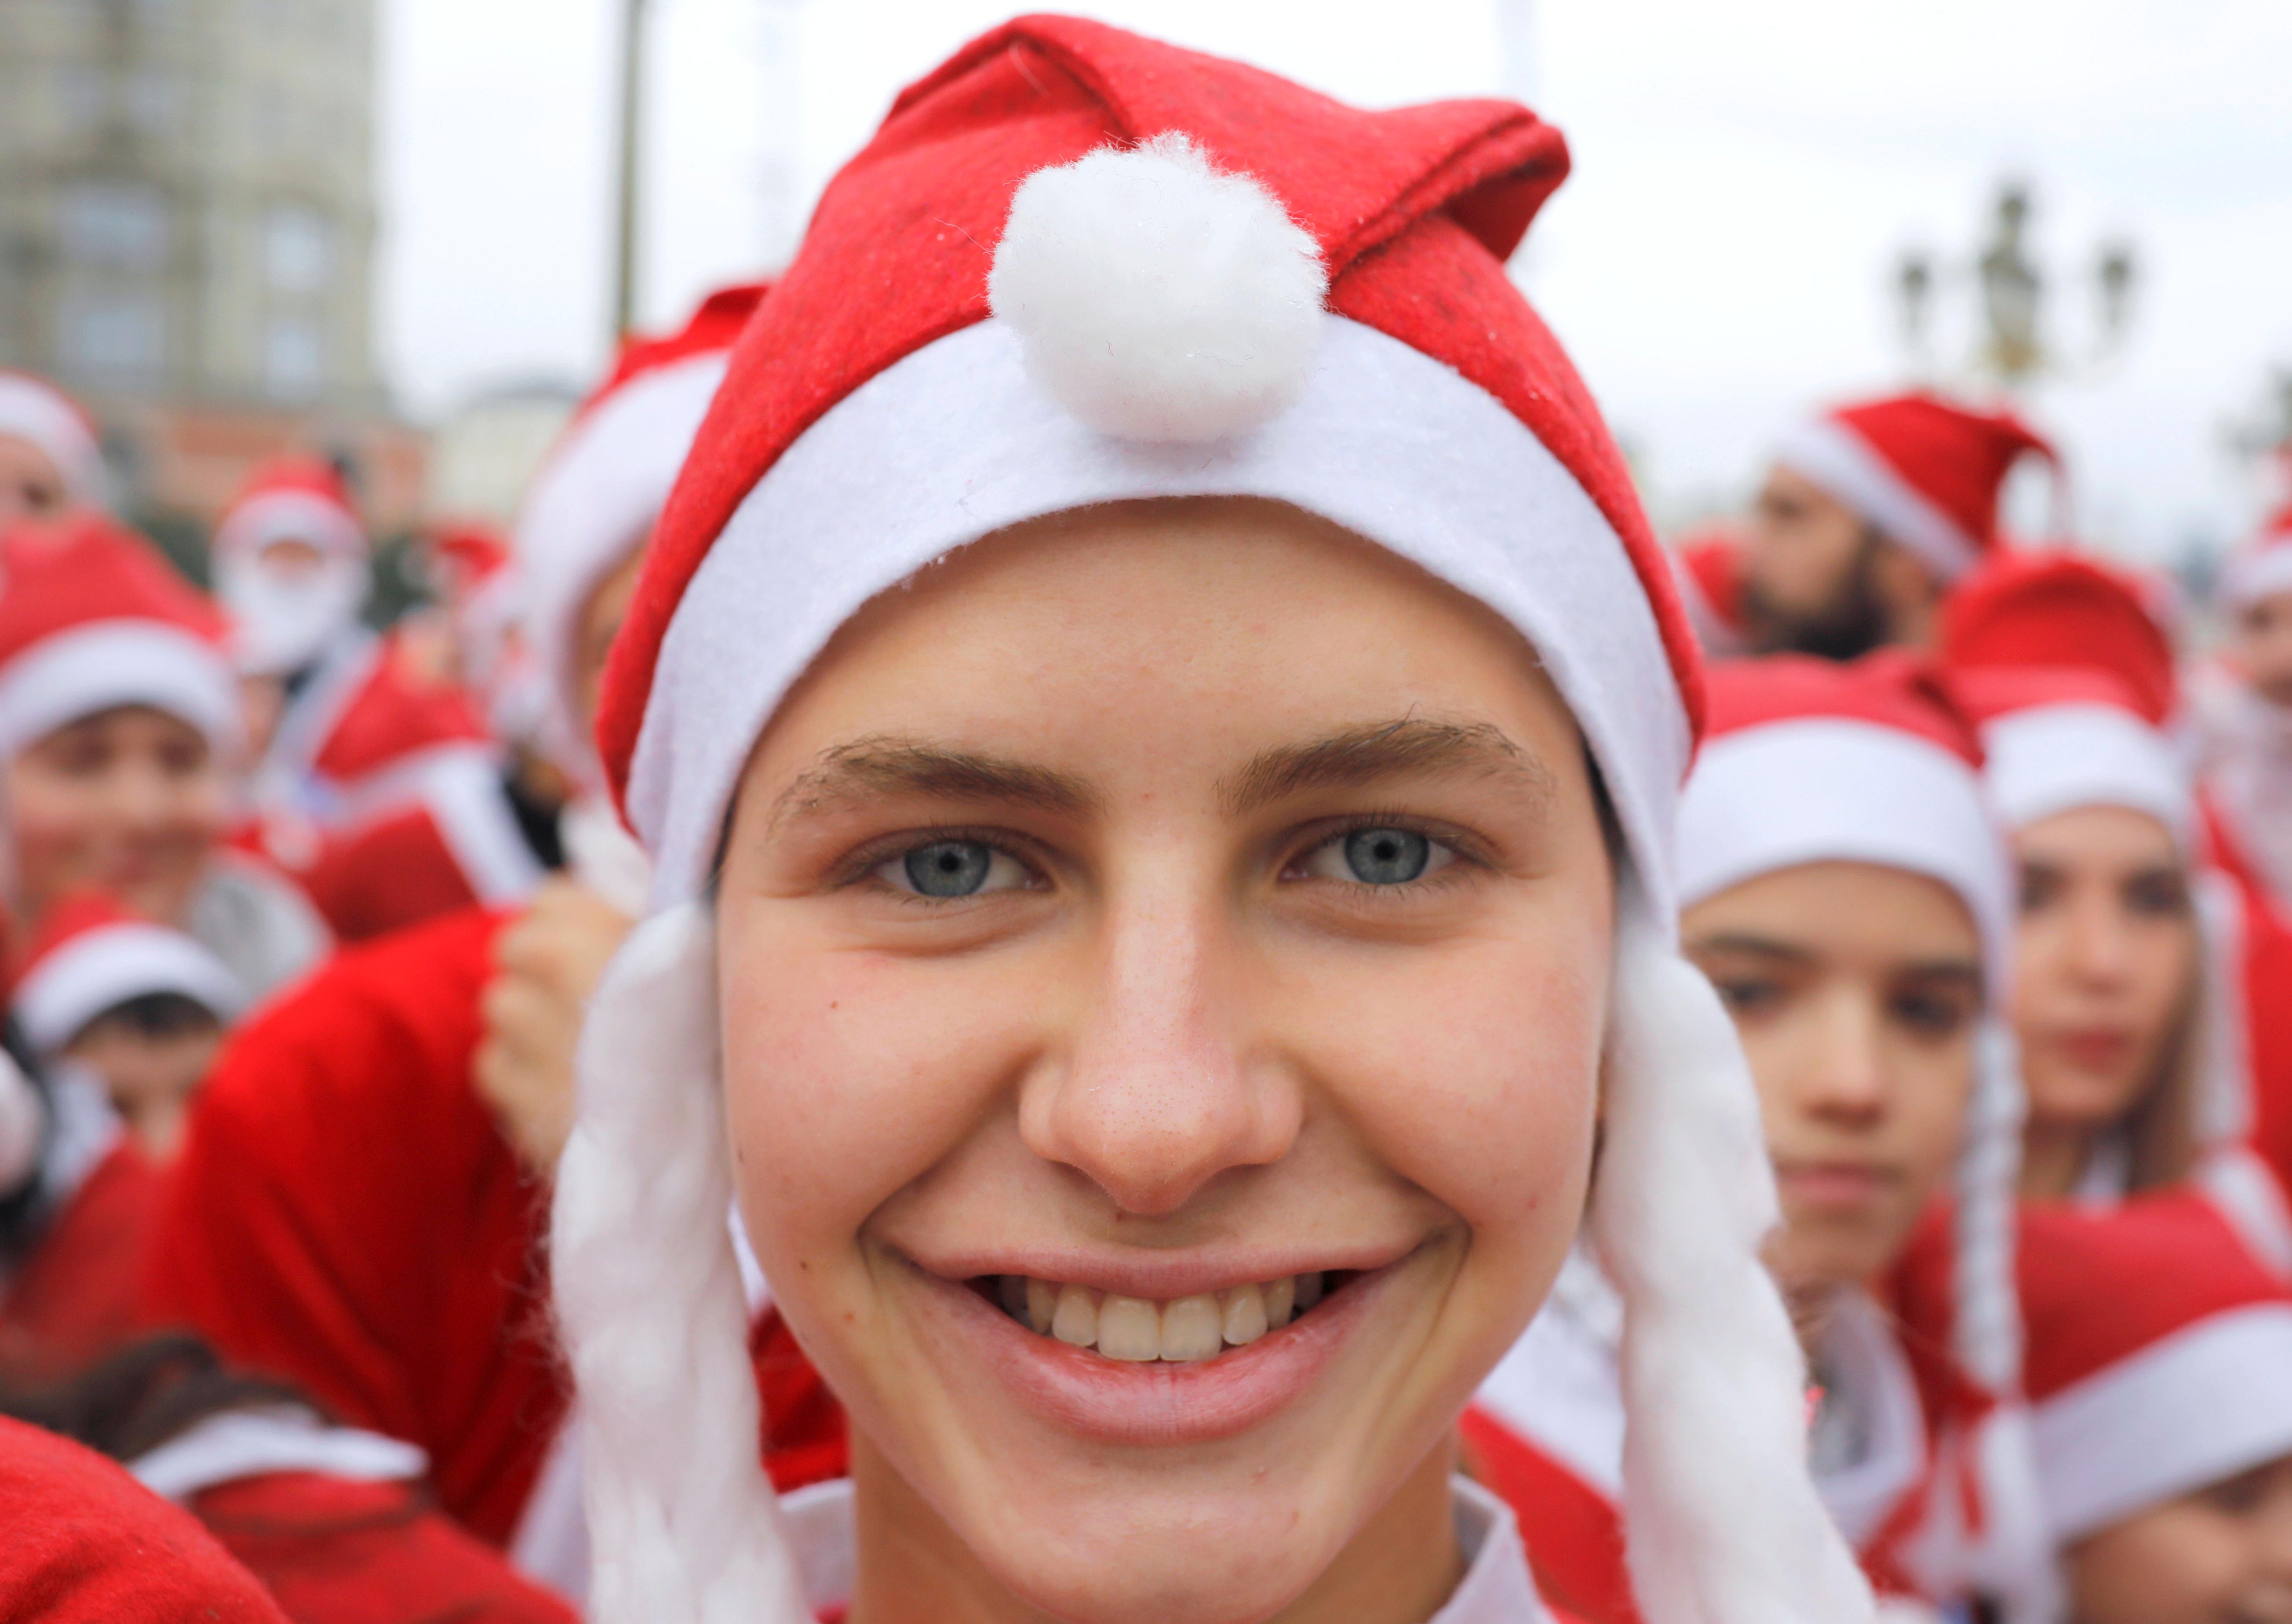 Personas vestidas con trajes de Papá Noel corren durante la carrera anual de la ciudad en Skopje, Macedonia del Norte, el 22 de diciembre de 2019 (Reuters/ Ognen Teofilovski)